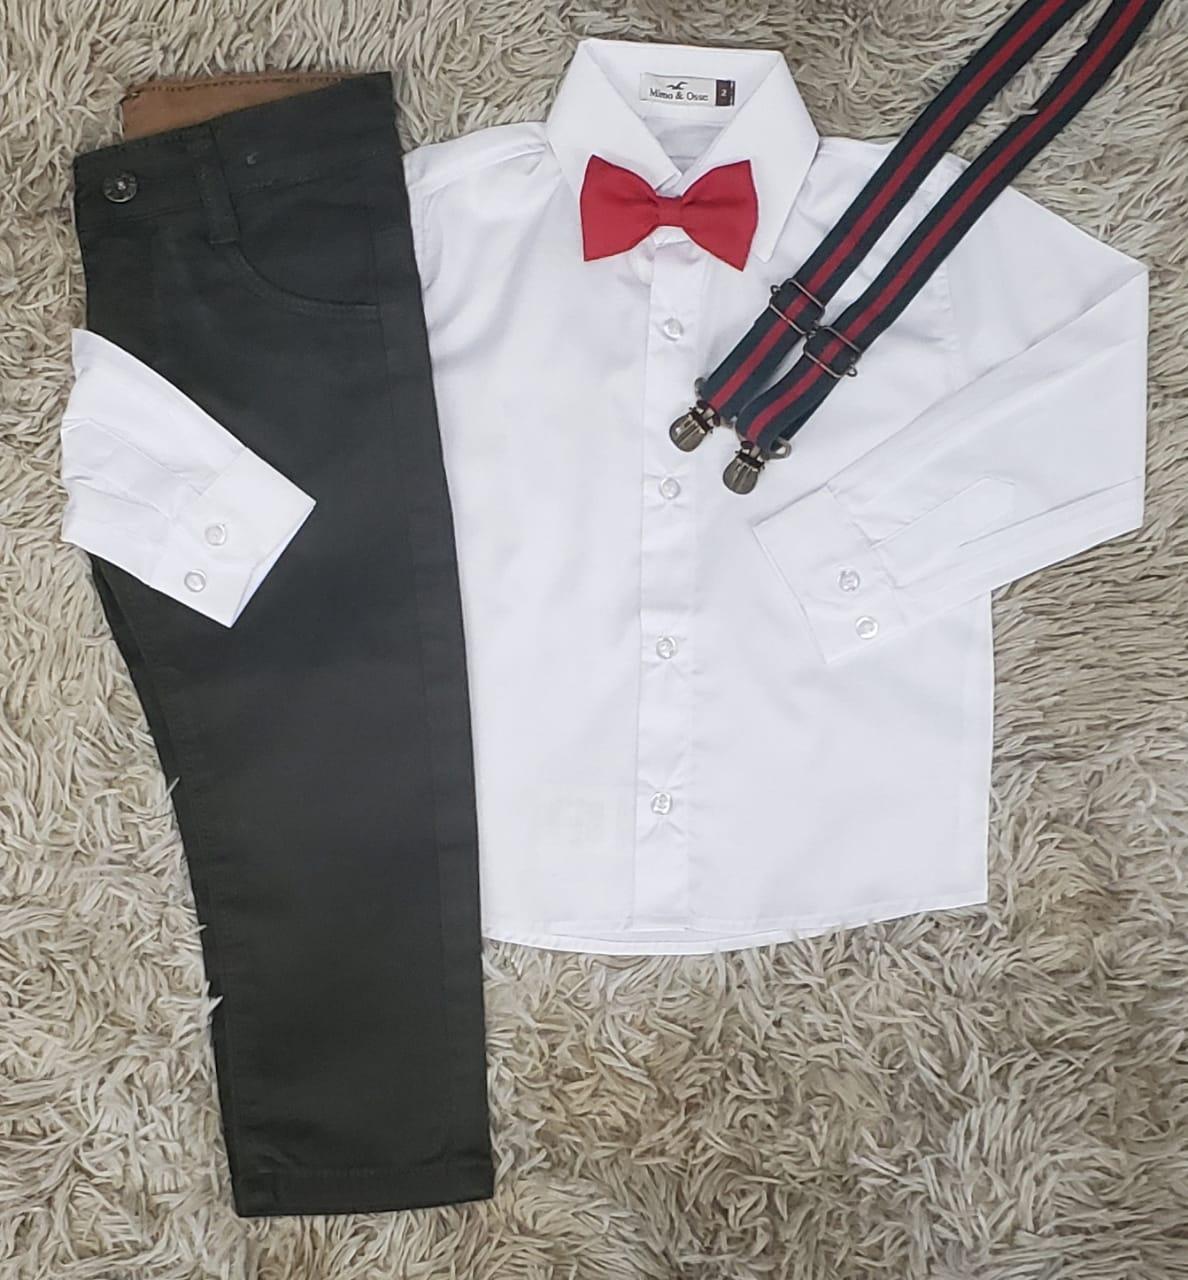 Calça Verde Musgo com Suspensório e Camisa Manga Longa com Gravata